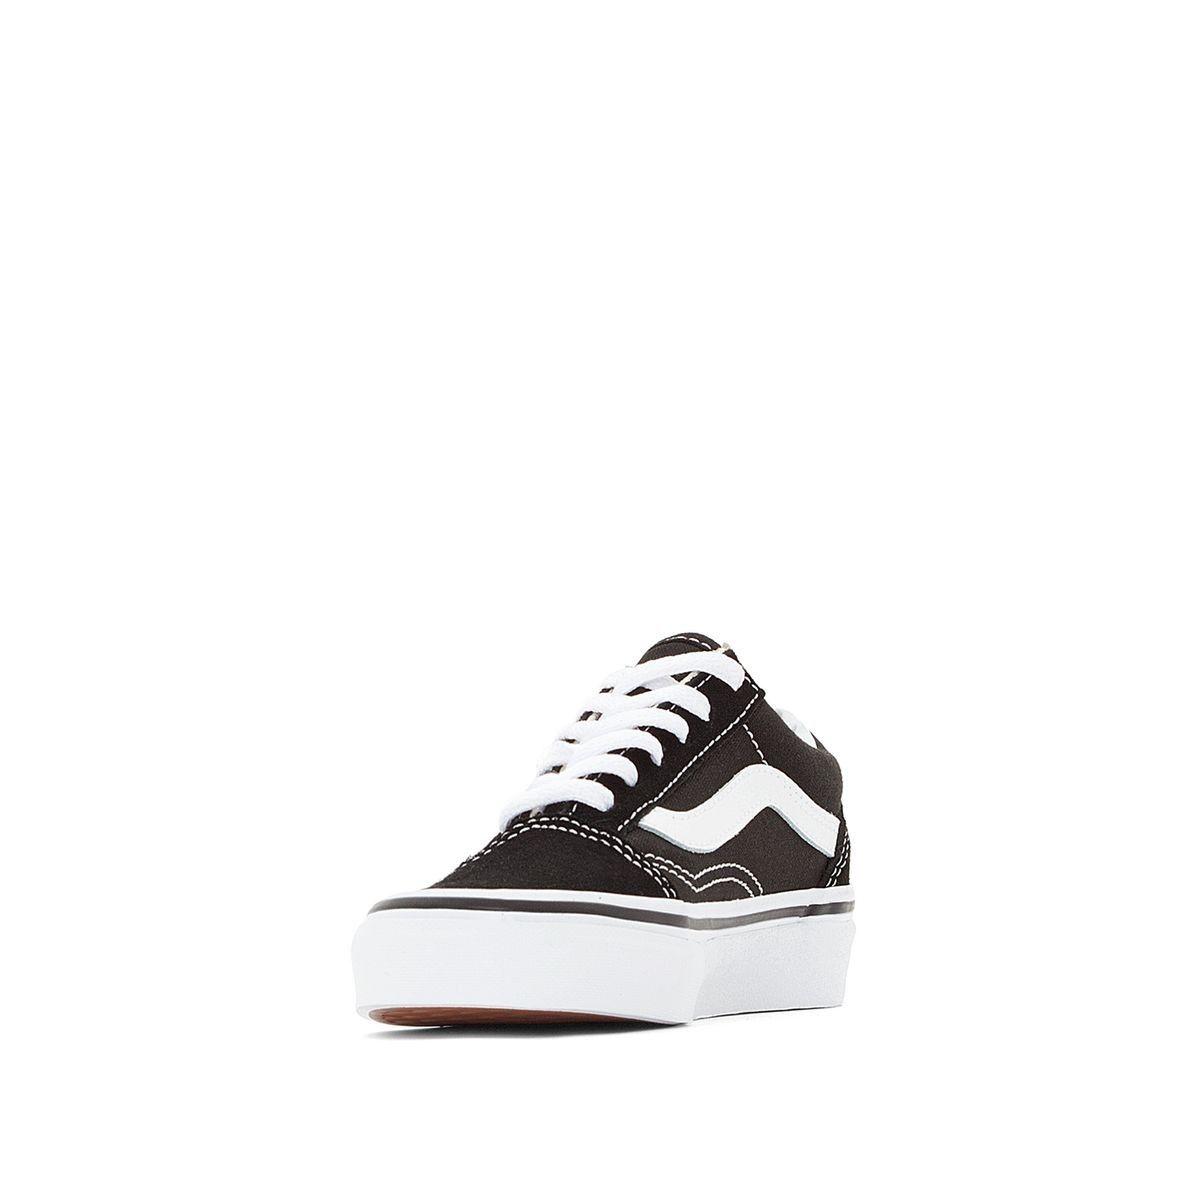 Baskets UY Old Skool | Taille chaussure bébé, Vans old skool ...